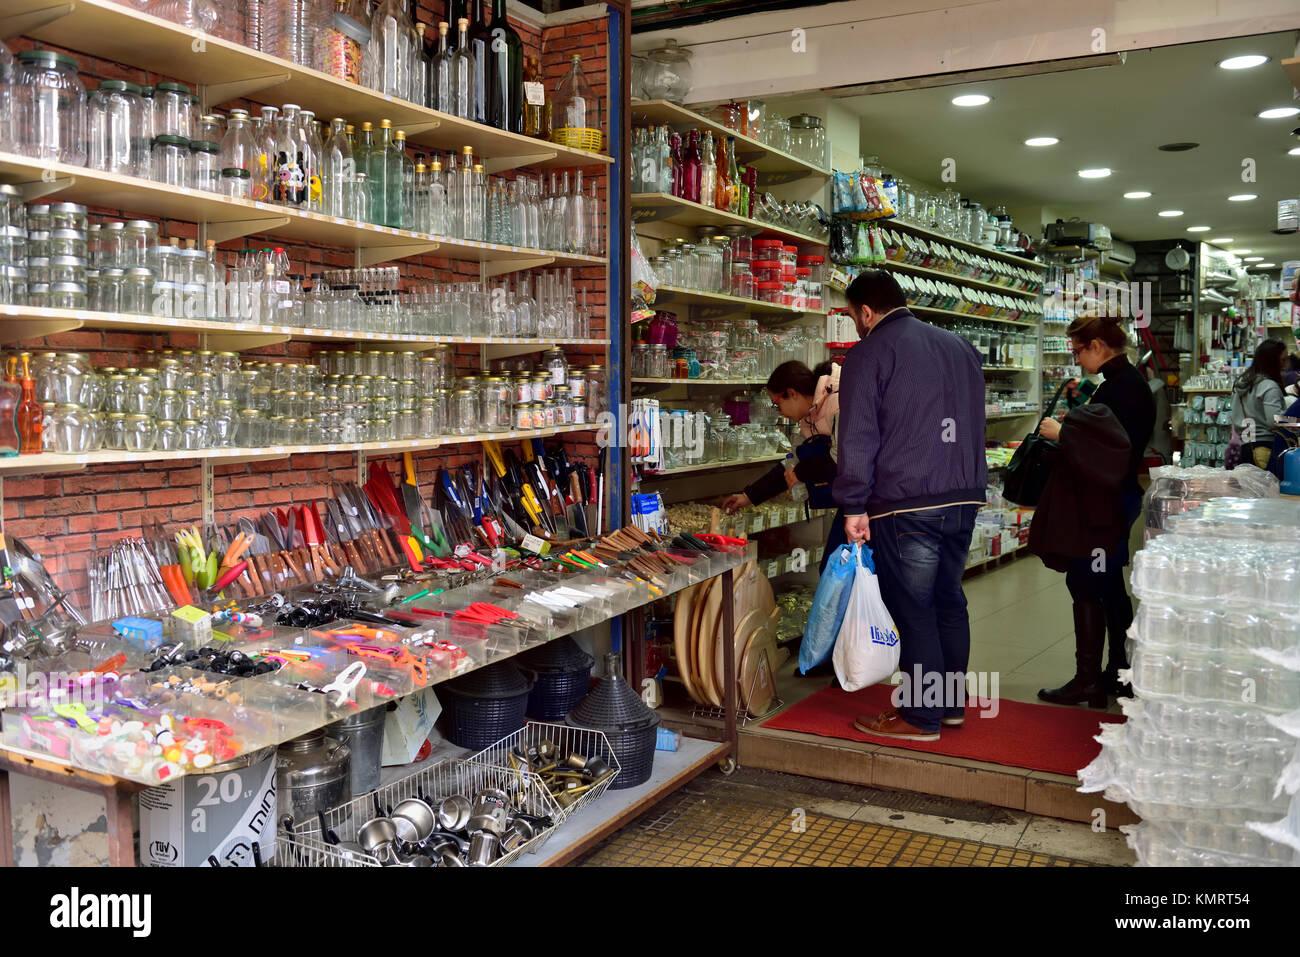 Buscando en el hardware local tienda especializada en cristalería y utensilios de cocina en el centro de Atenas. Imagen De Stock